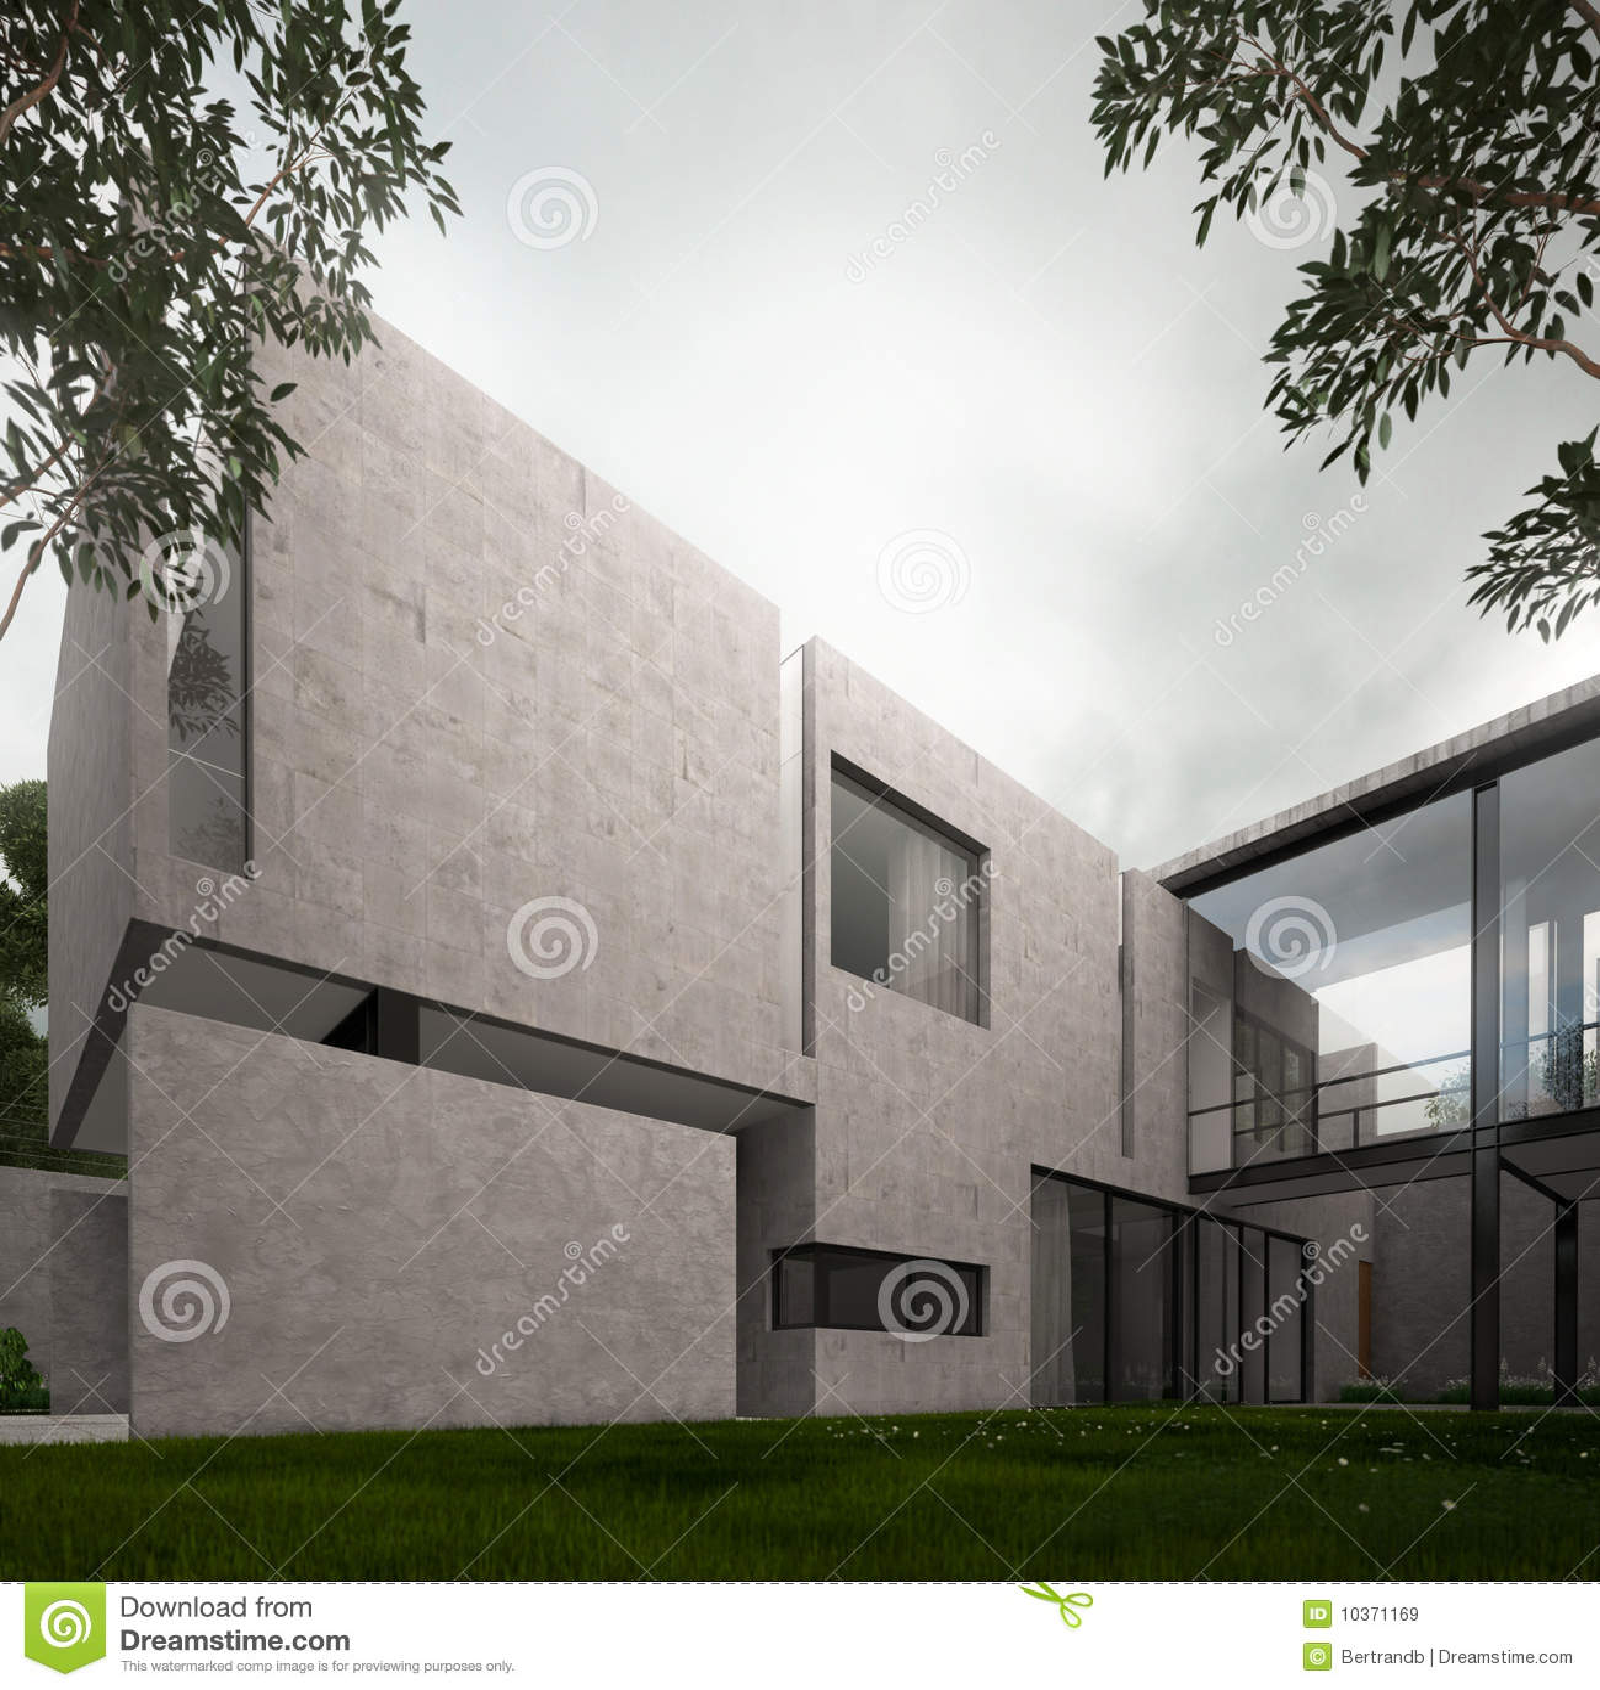 Modern concreet minimalistisch huis royalty vrije stock afbeeldingen afbeelding 10371169 - Huis modern kubus ...